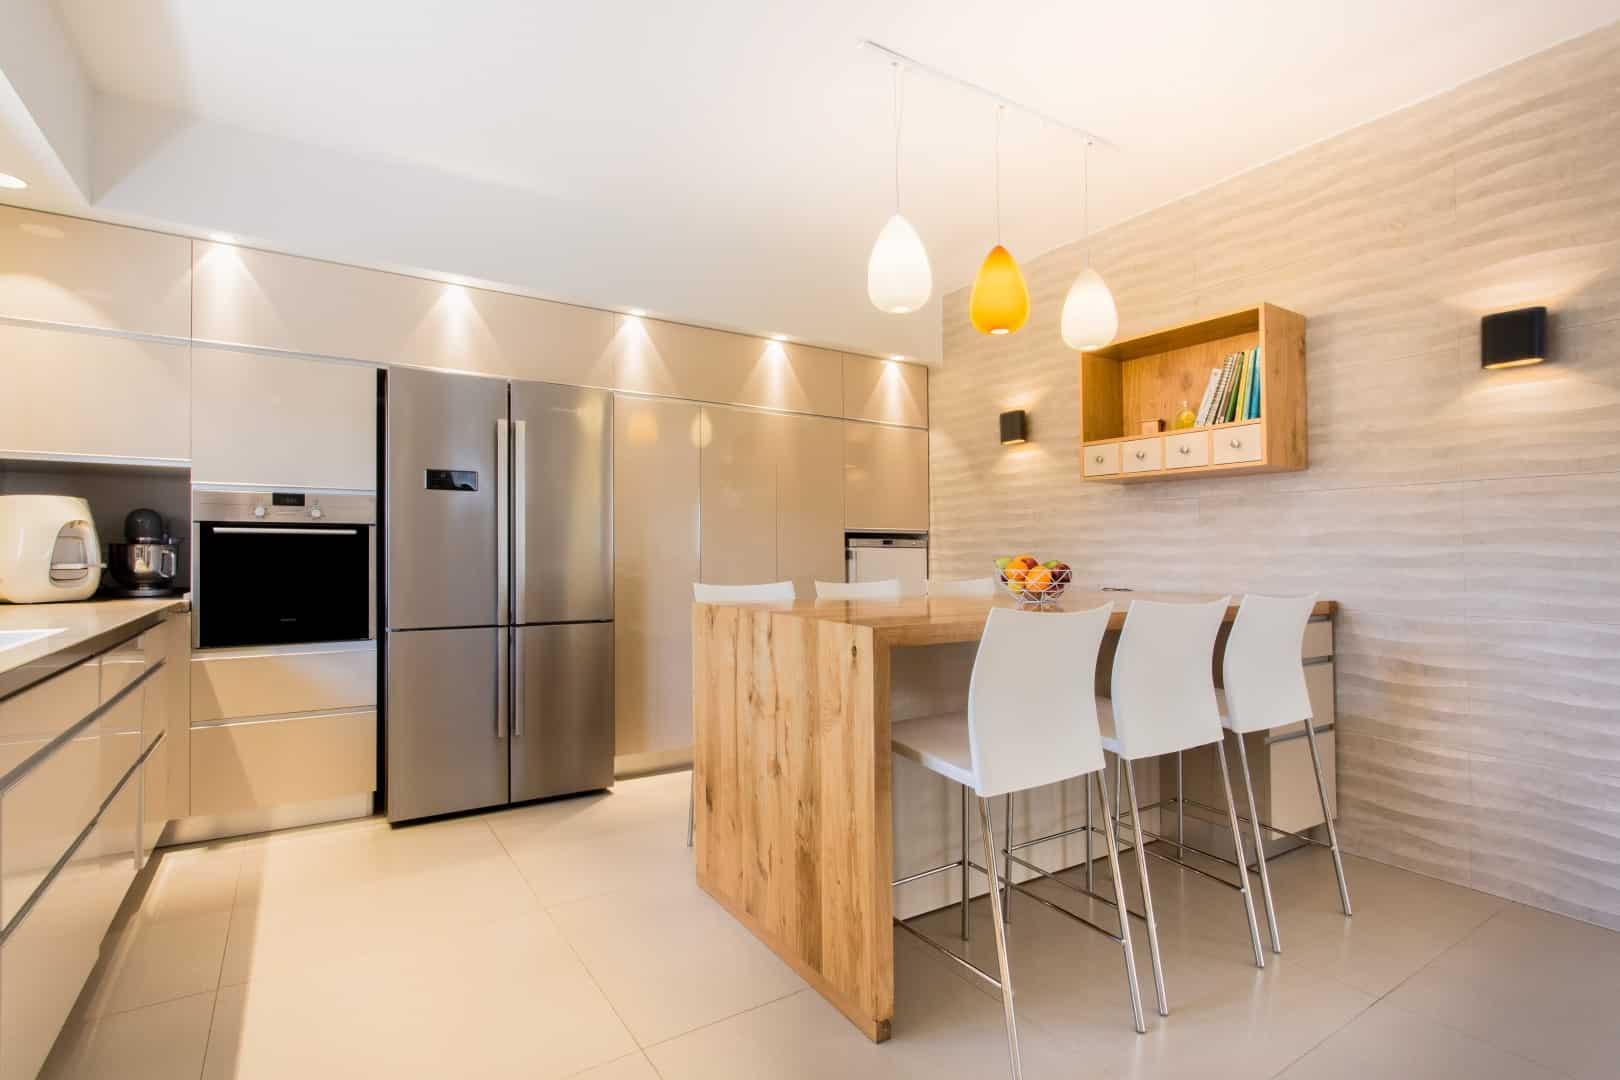 טיפים לעיצוב הבית, מתקשים לבחור אריחים למטבח? ענבל קרקו עיצוב פנים ופנג שואי